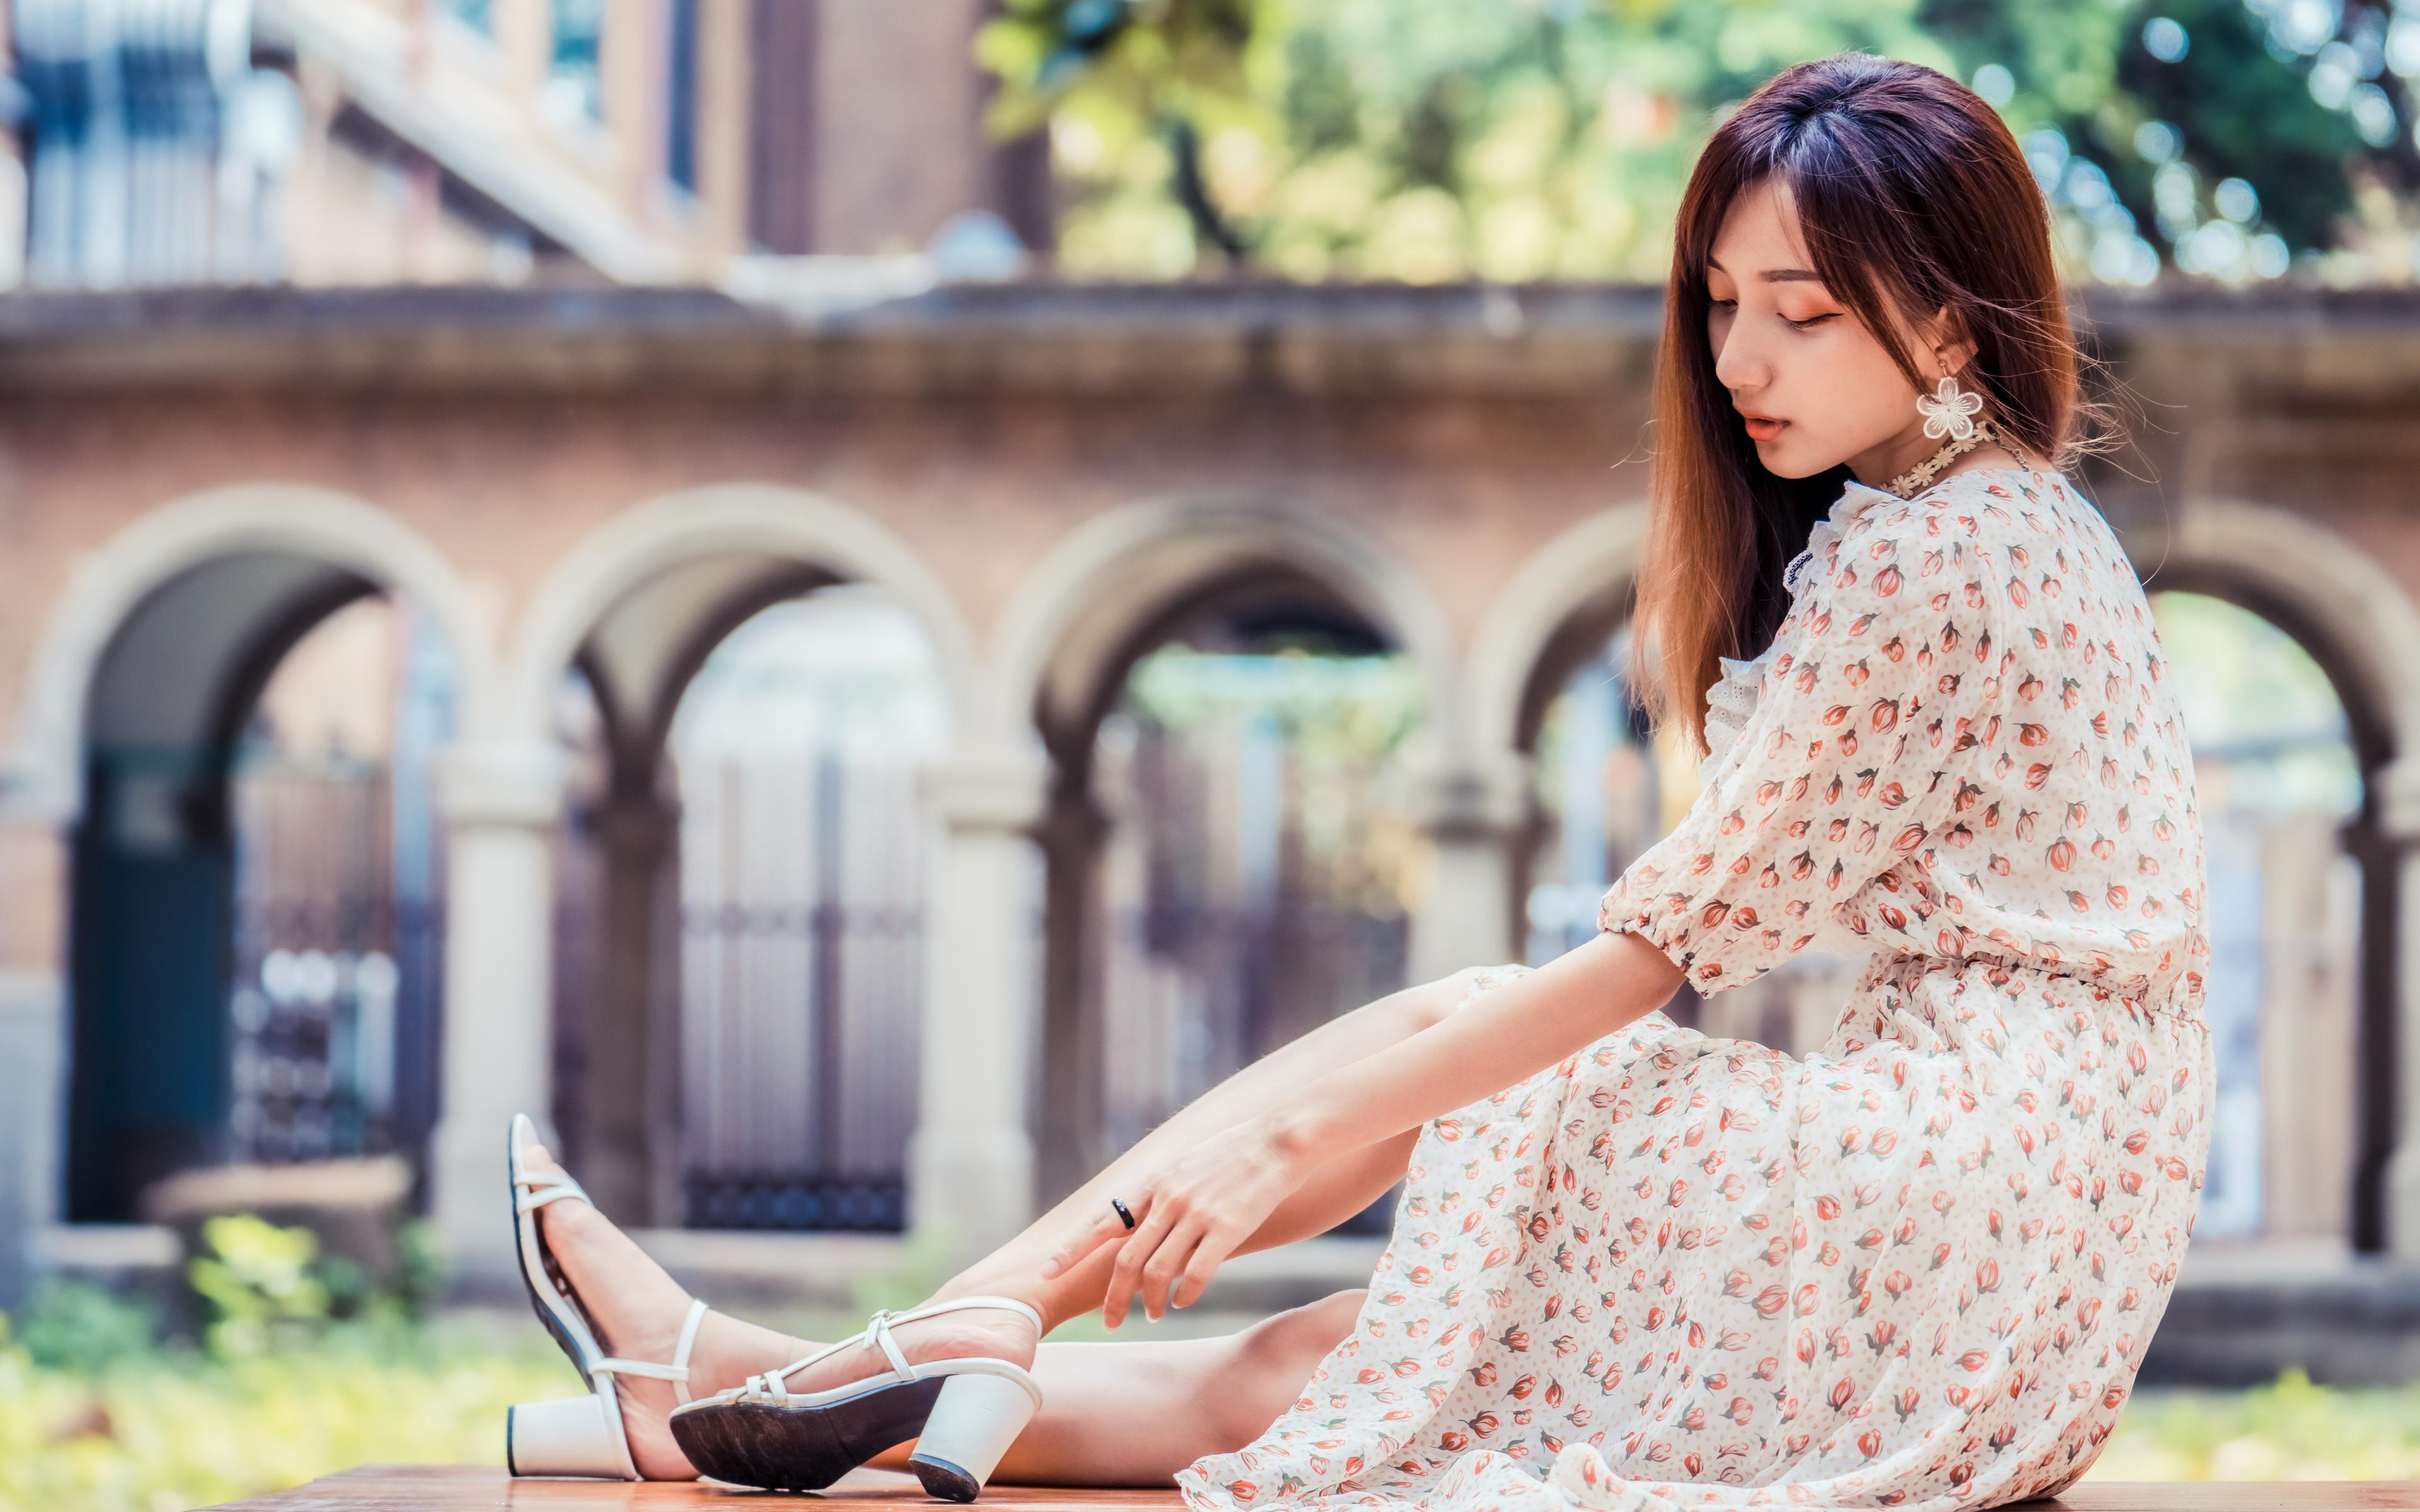 Фото Размытый фон девушка азиатки Сидит Платье 3840x2400 боке Девушки молодая женщина молодые женщины Азиаты азиатка сидя сидящие платья